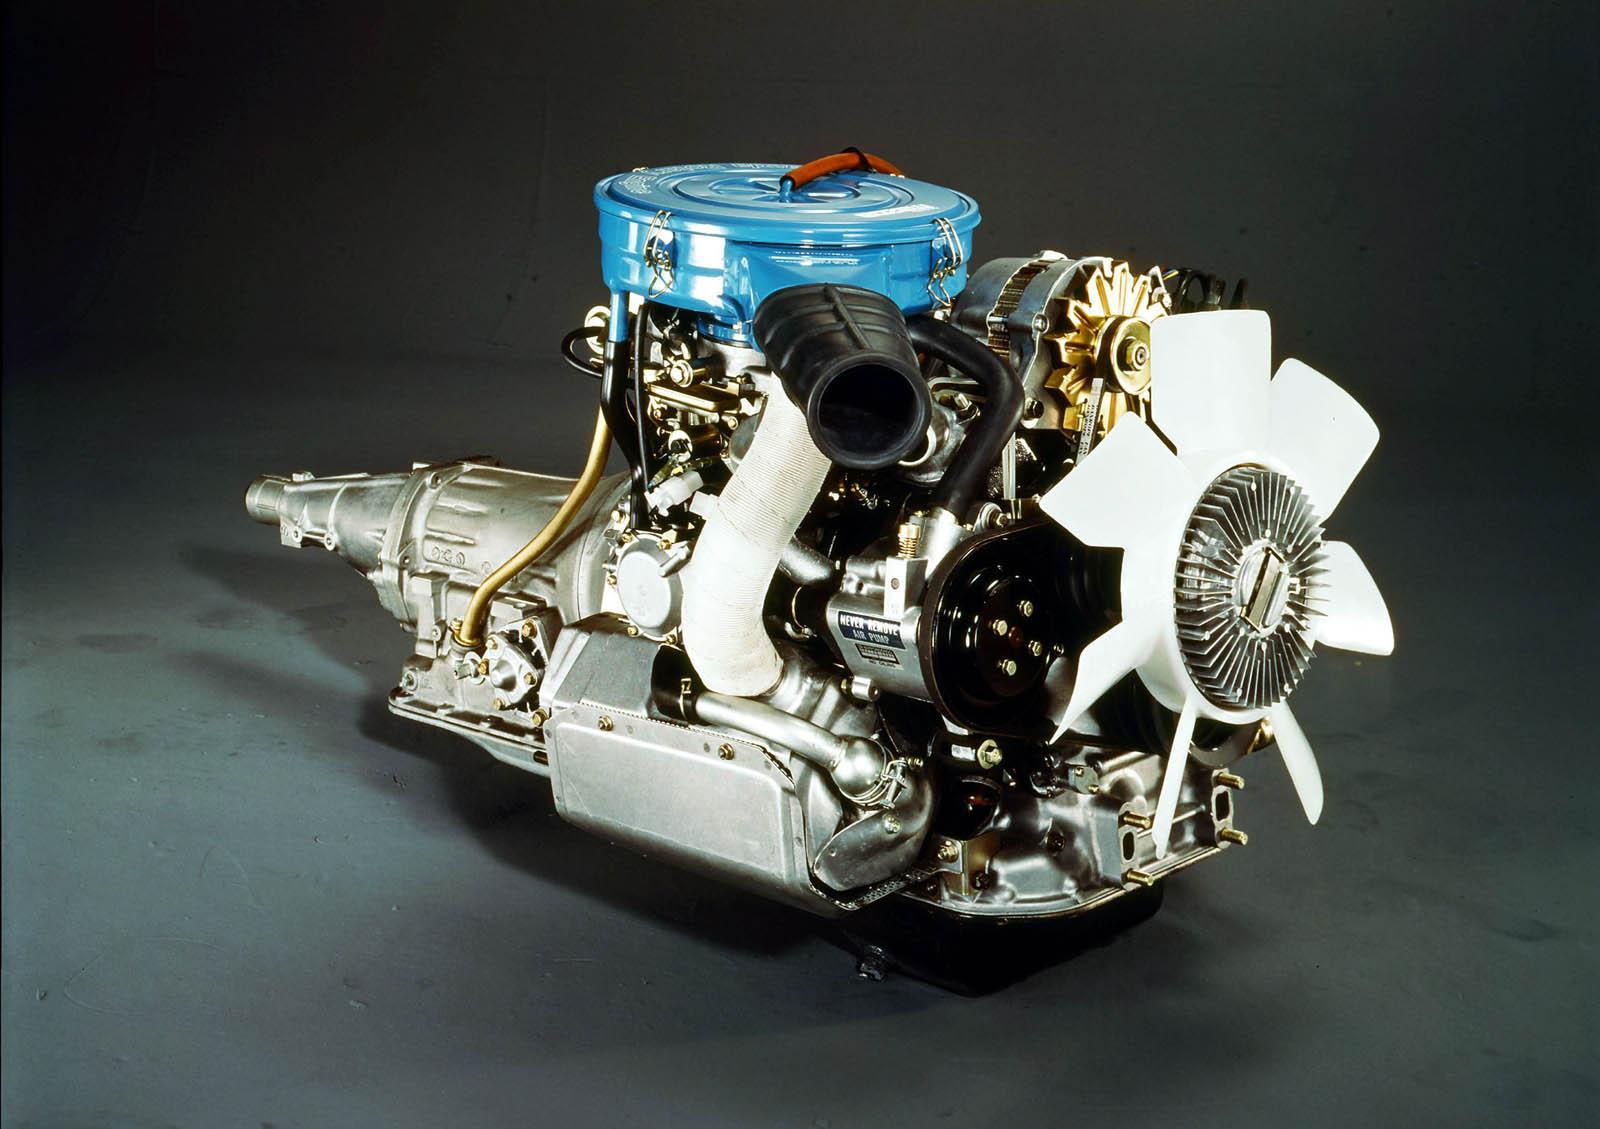 Mazda-50-years-of-rotary-p12_04